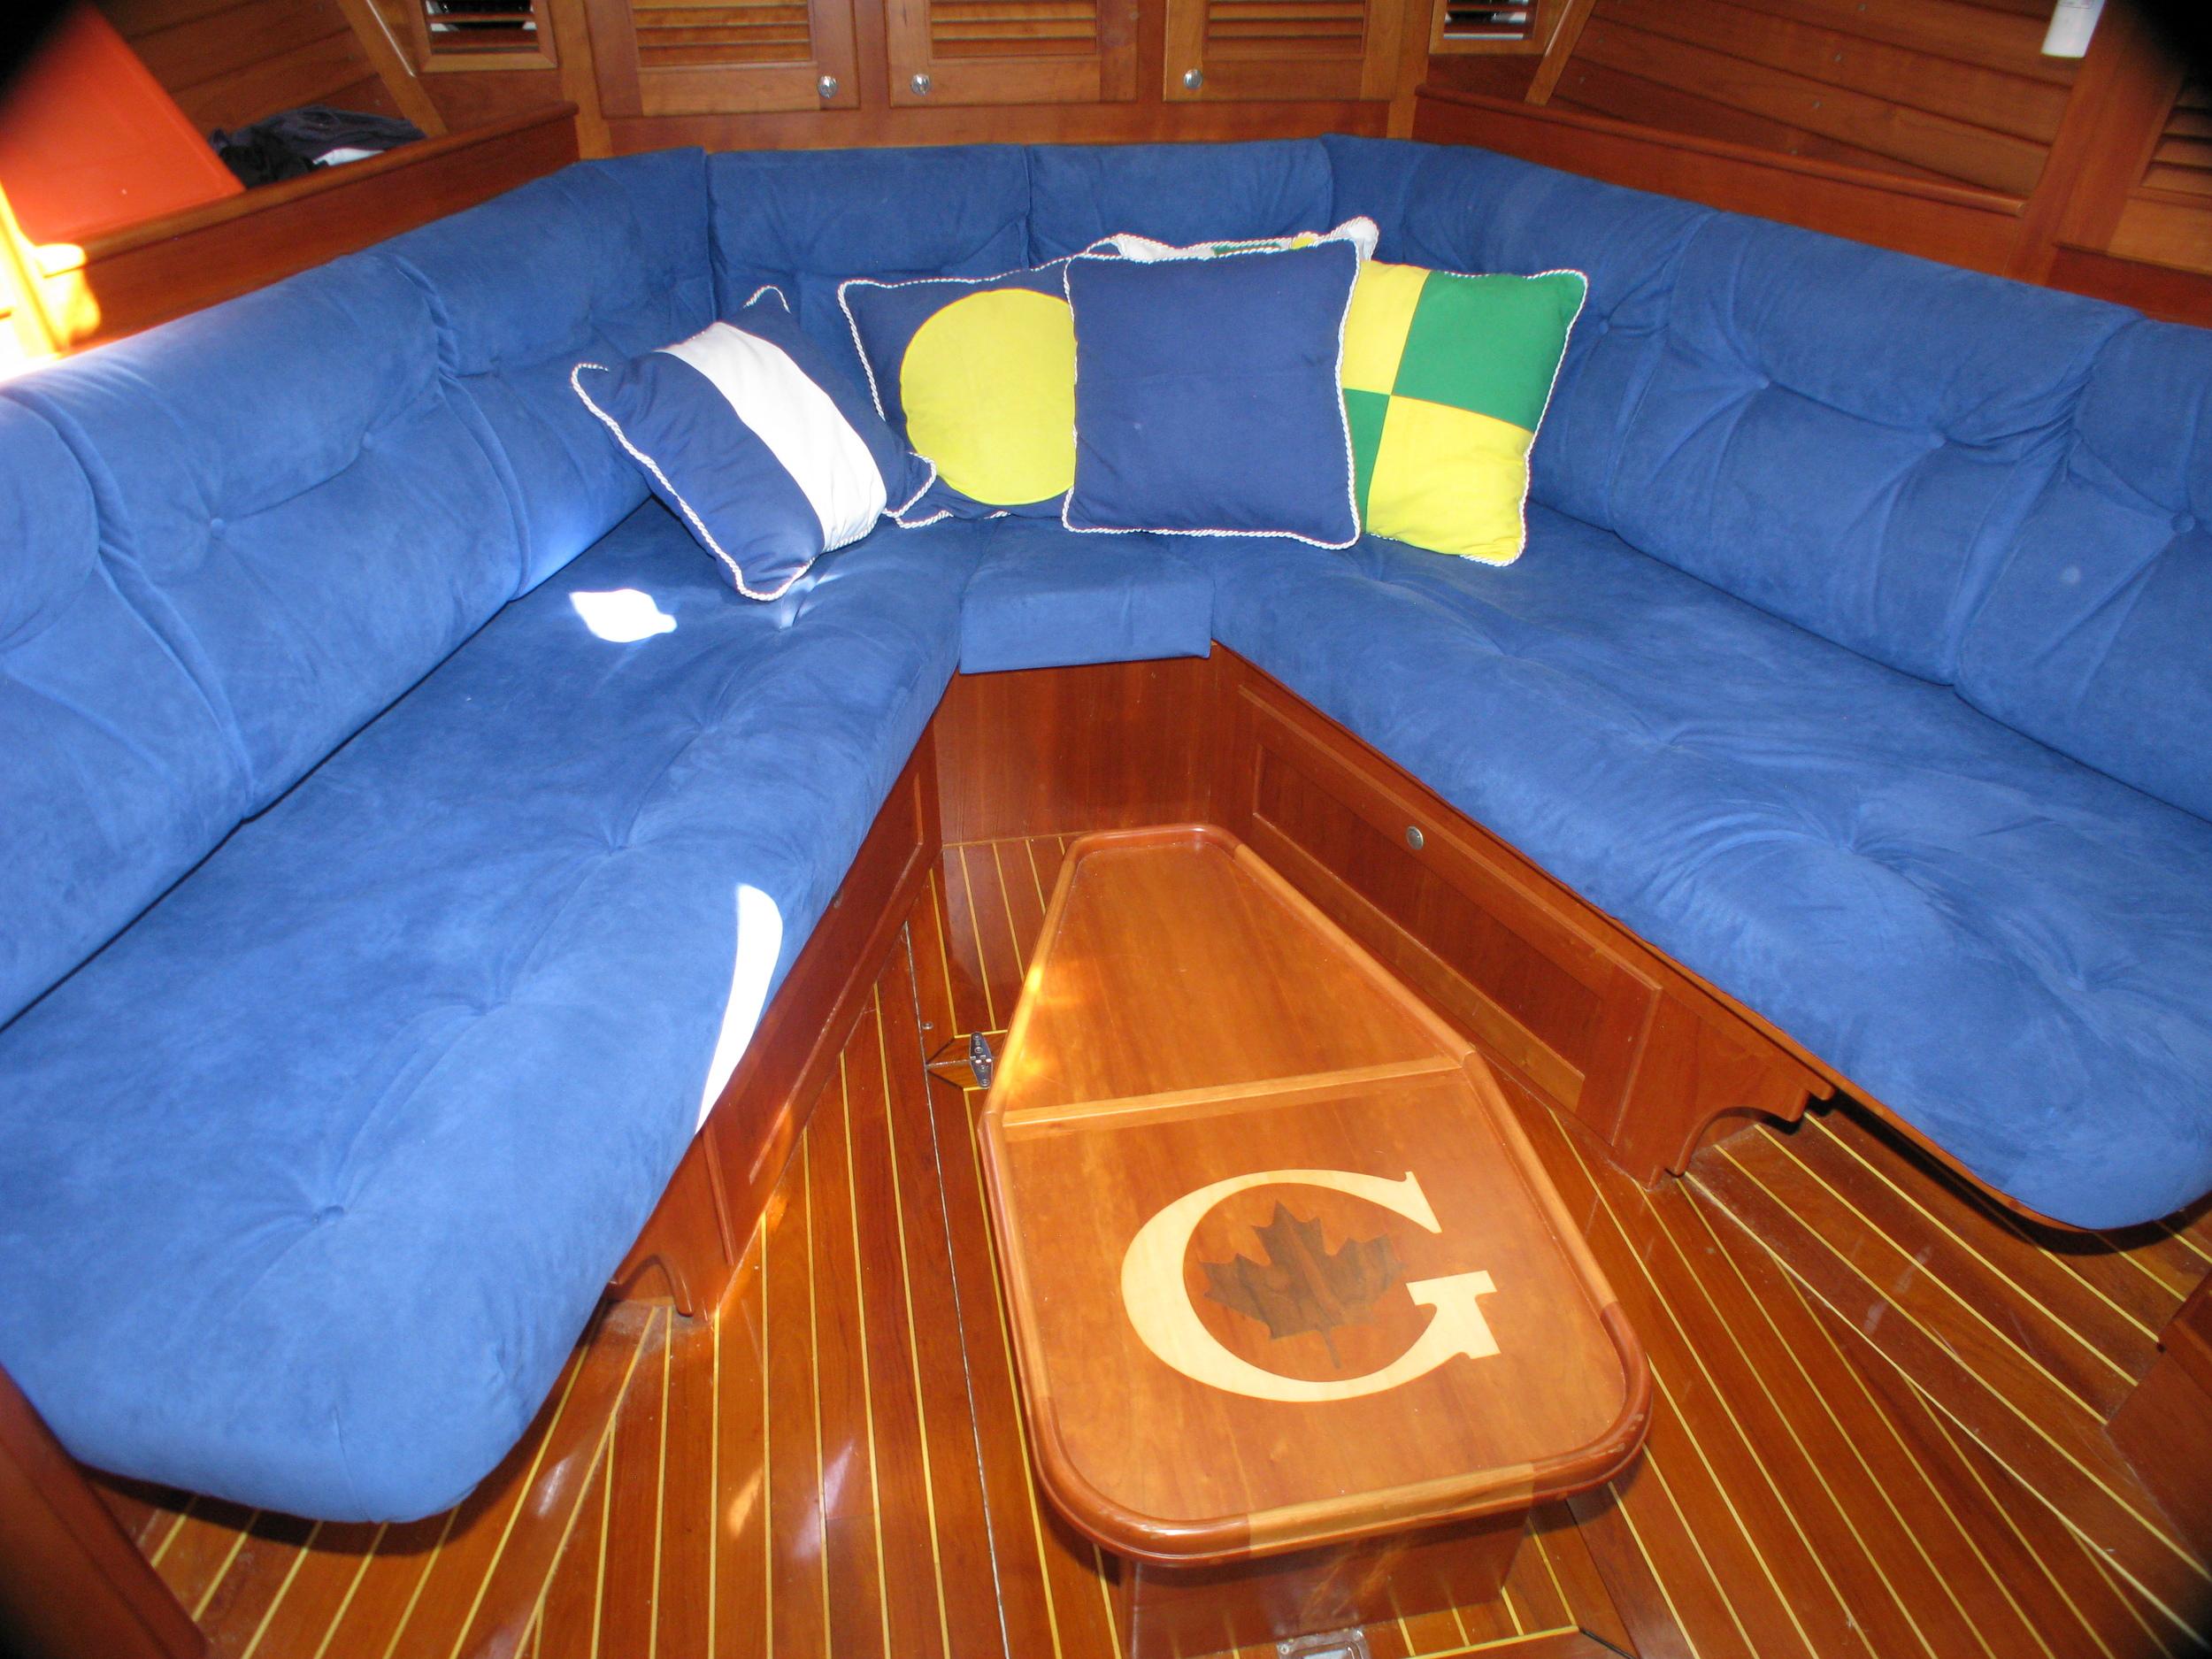 Forward cabin - configured for salon